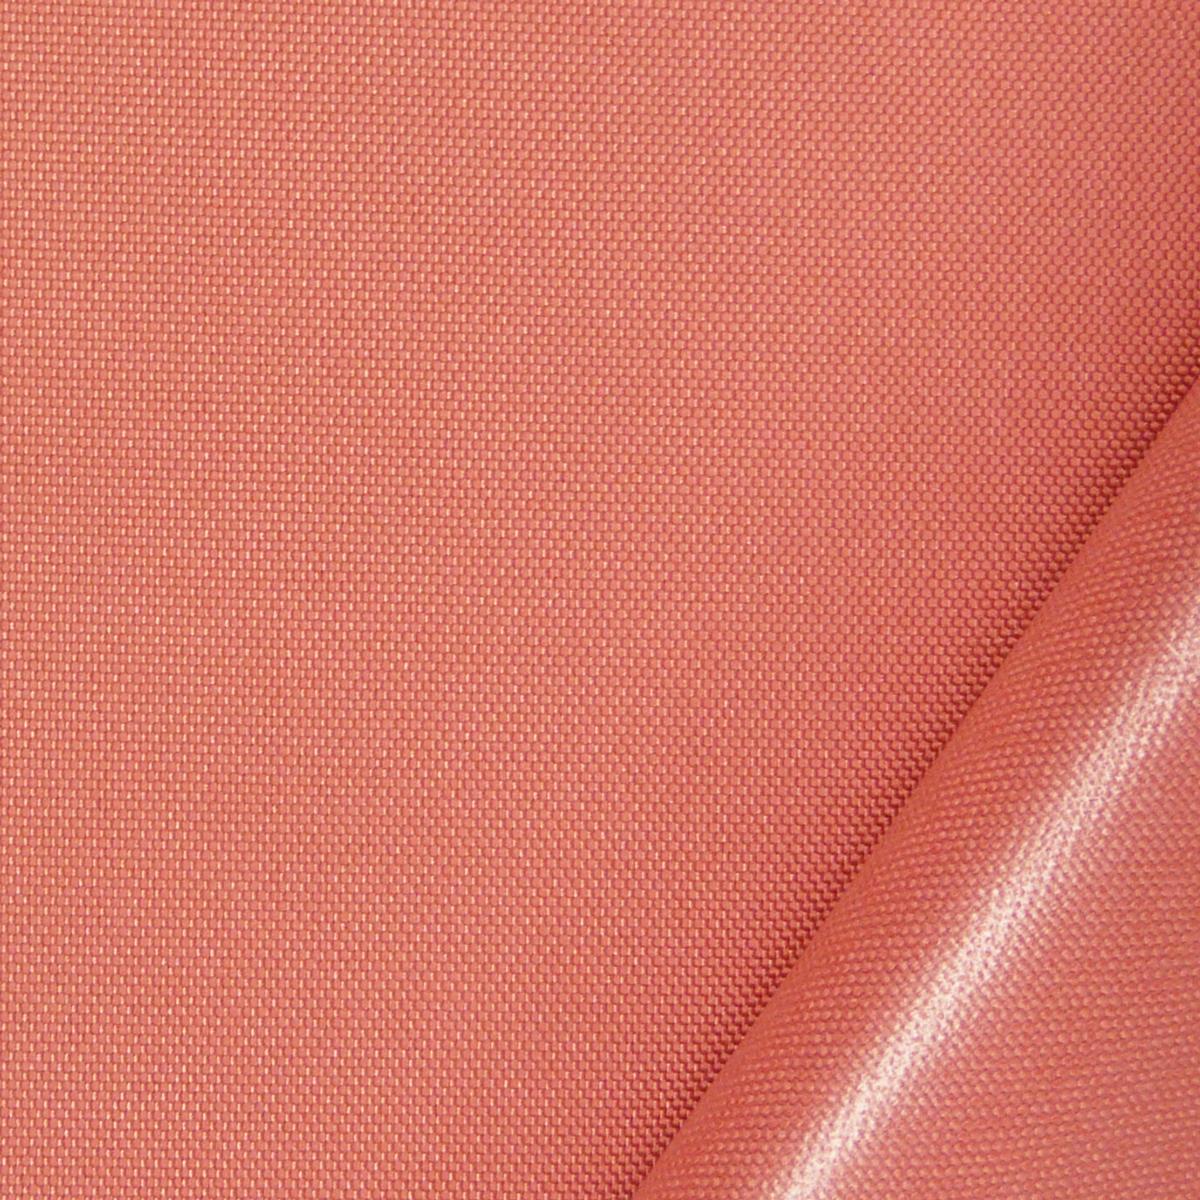 Ist polyester wasserdicht